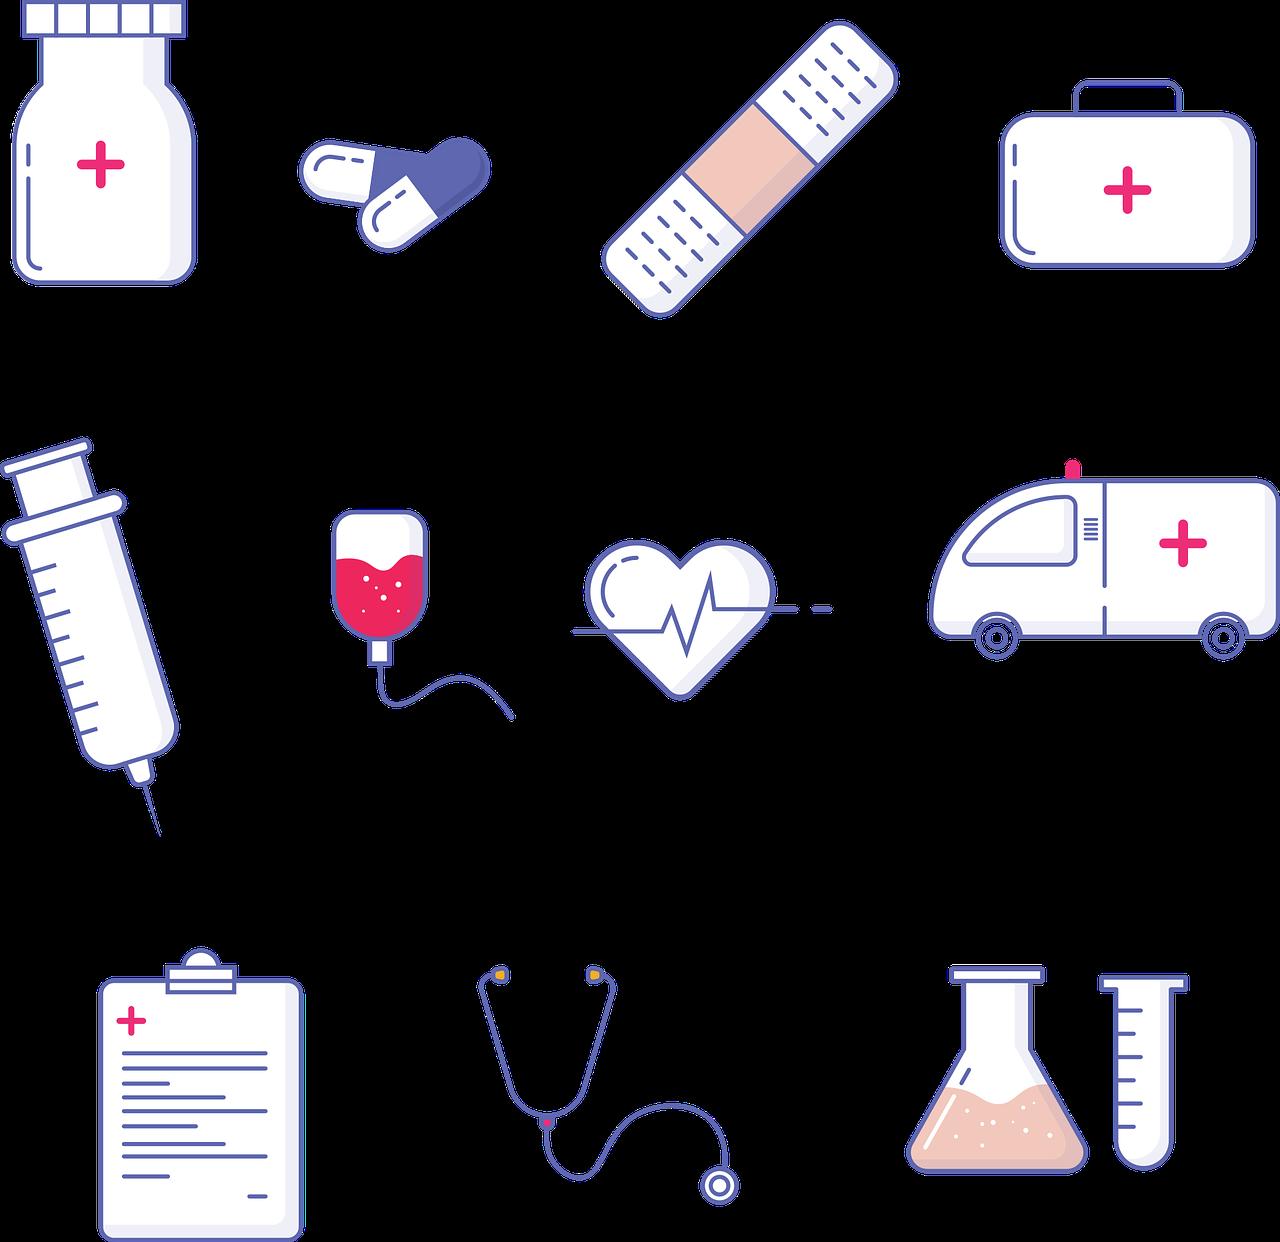 المرض و الصحة في اللغة الانجليزية